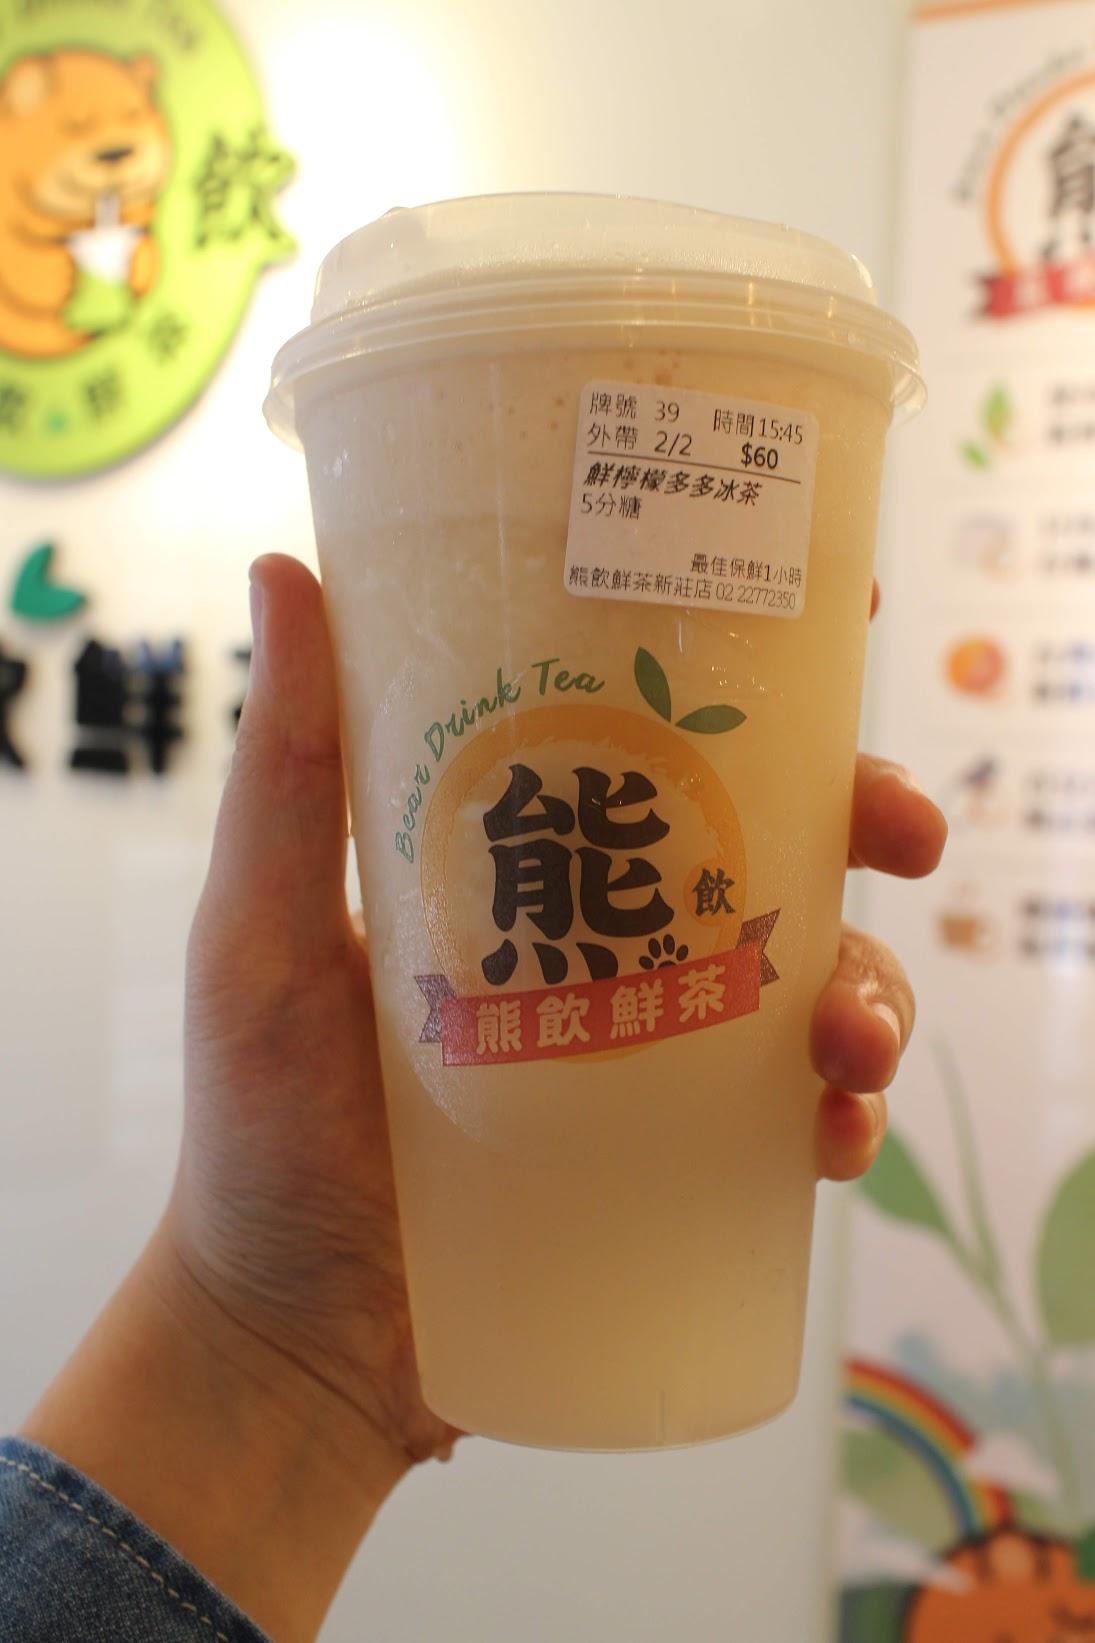 熊飲鮮茶檸檬多多冰沙